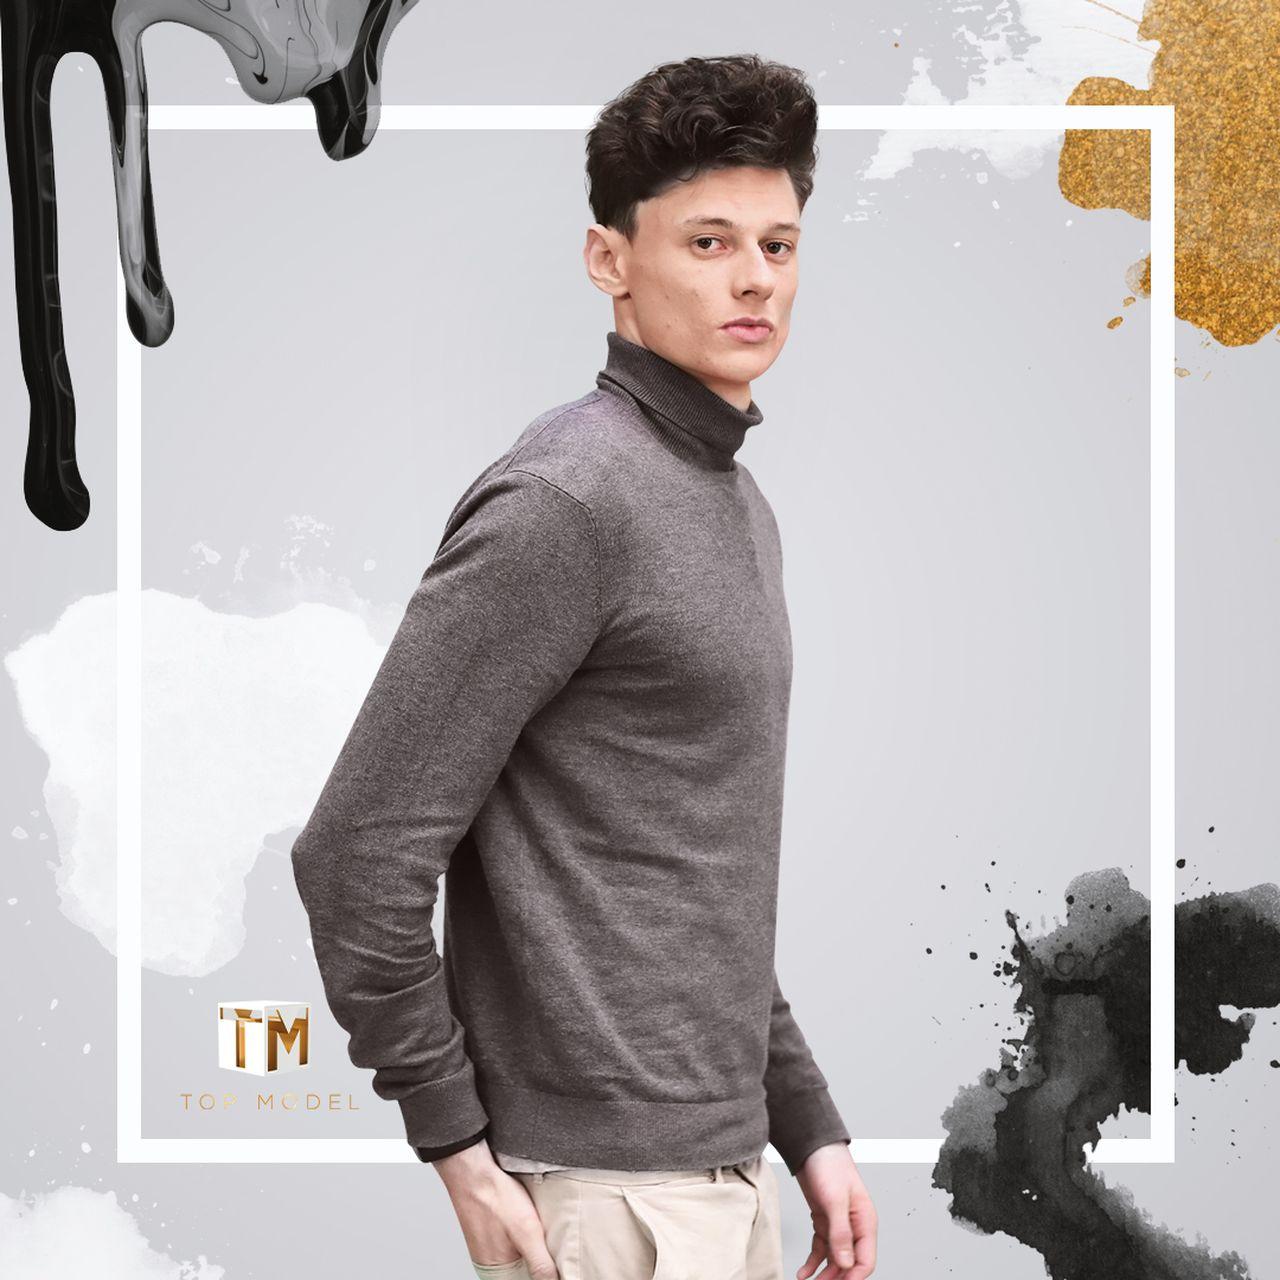 Top Model, fot. topmodel.tvn.pl